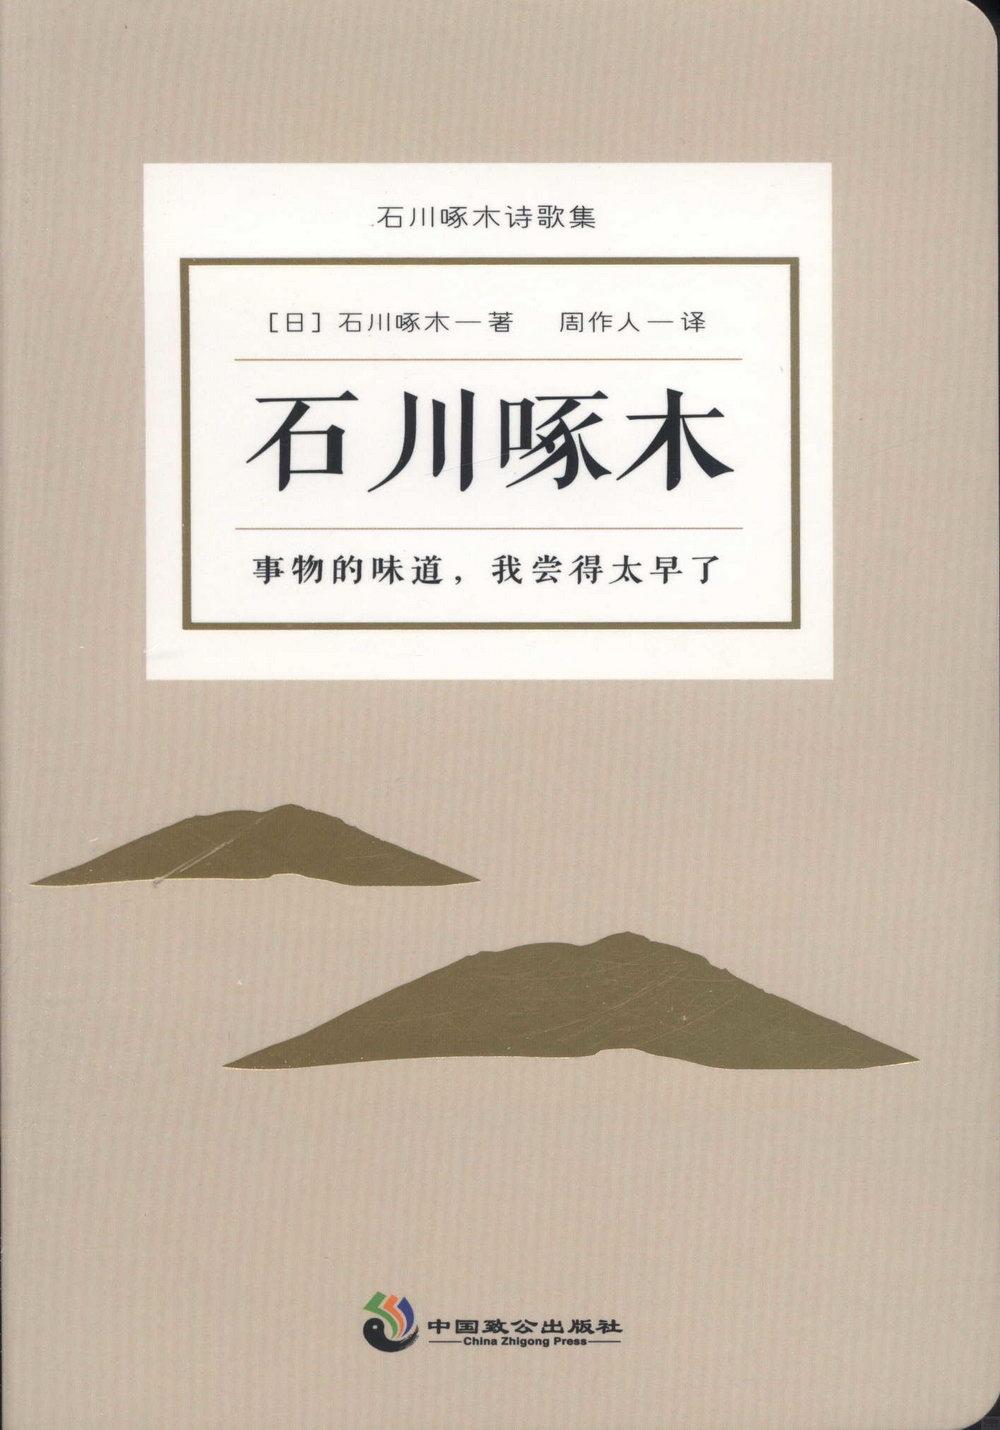 事物的味道,我嘗得太早了:石川啄木詩歌集